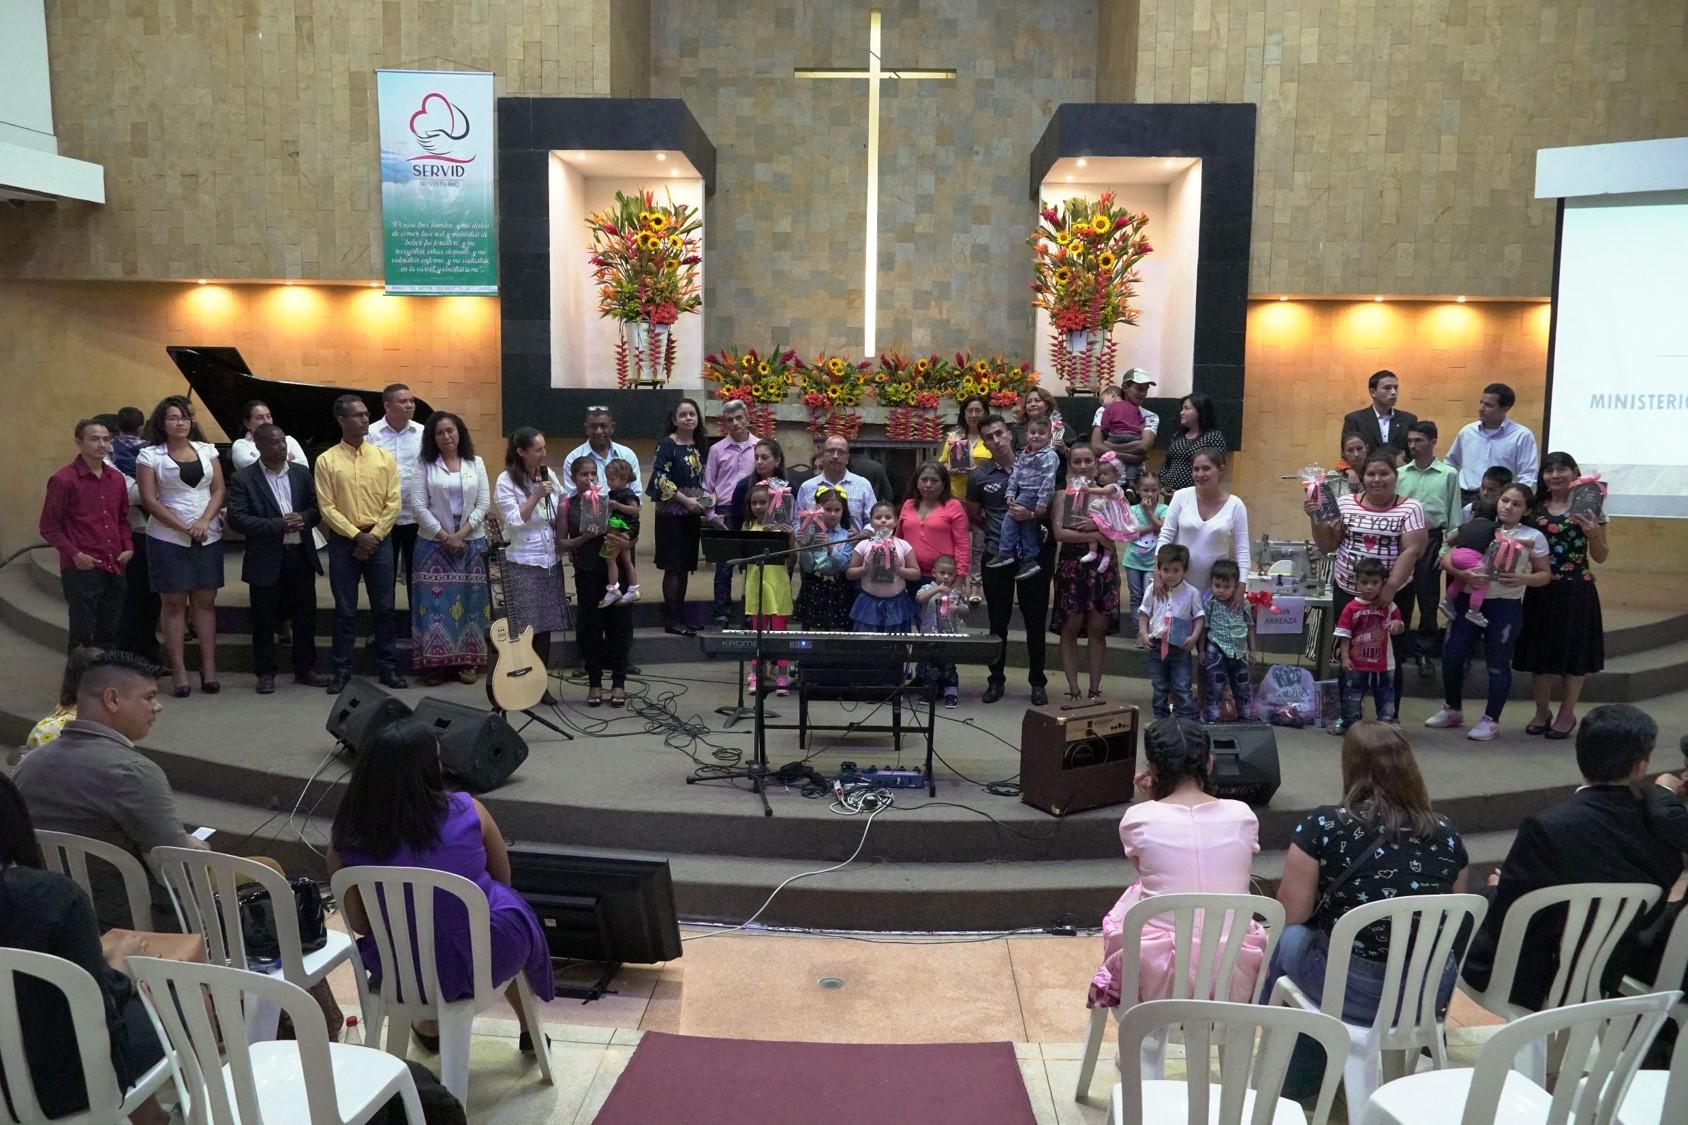 La Iglesia Adventista del Séptimo Día benefició a familias antioqueñas y migrantes para impulsar sus proyectos de emprendimiento